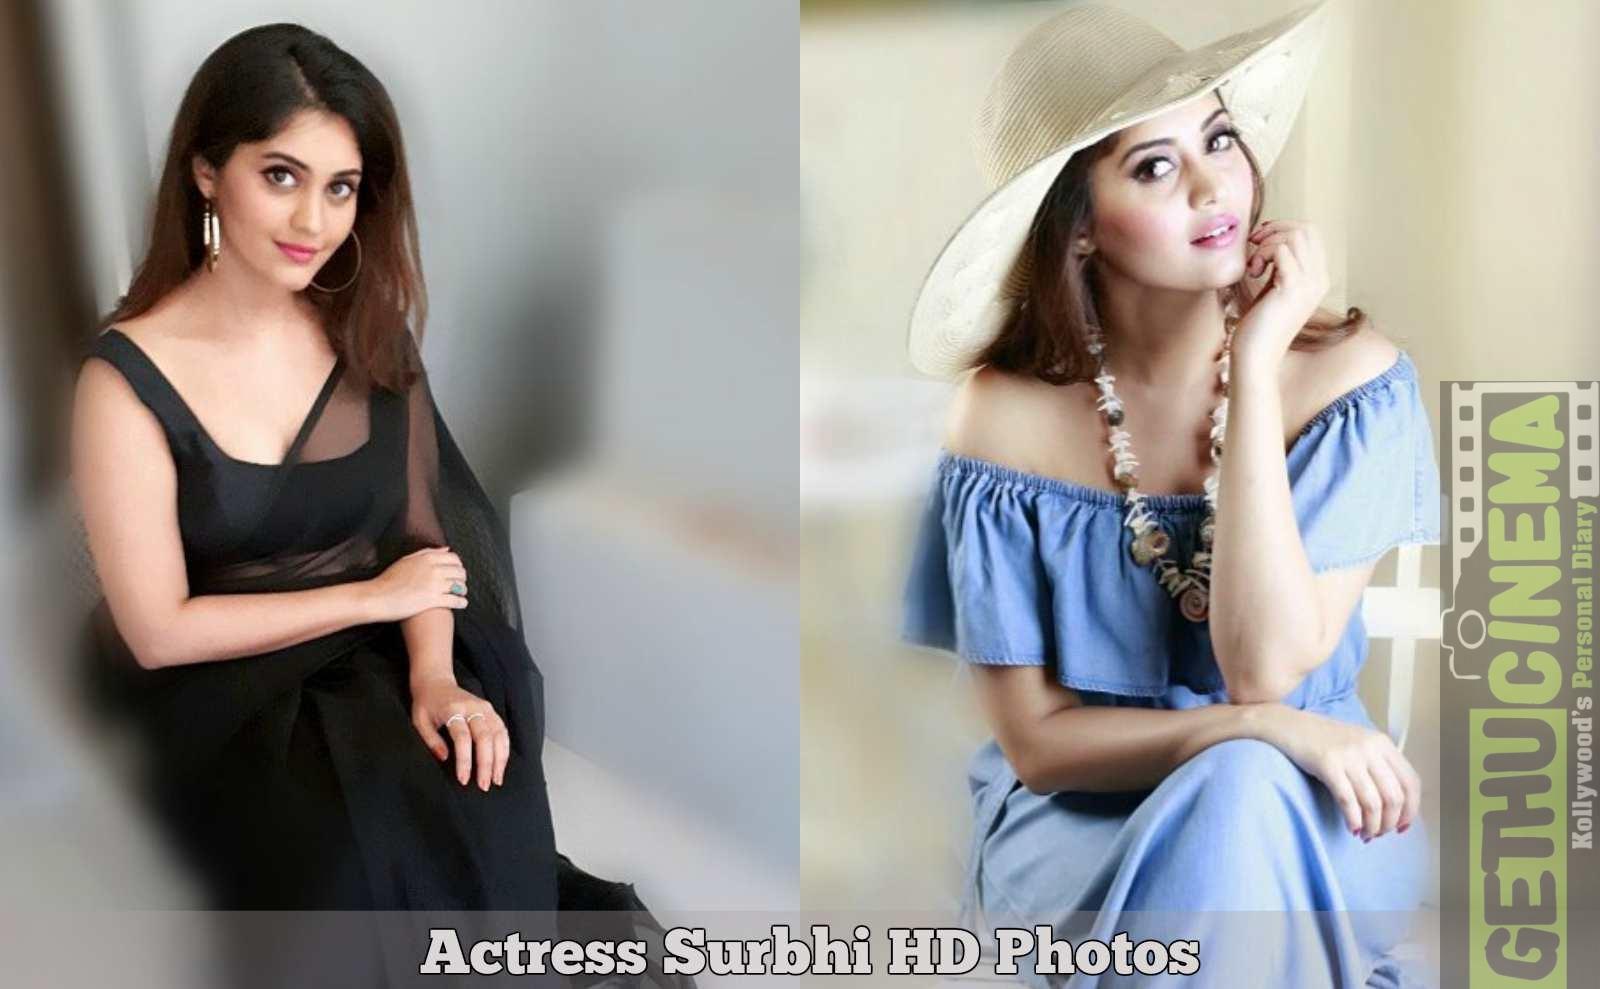 actress surbhi hd photos gallery - gethu cinema